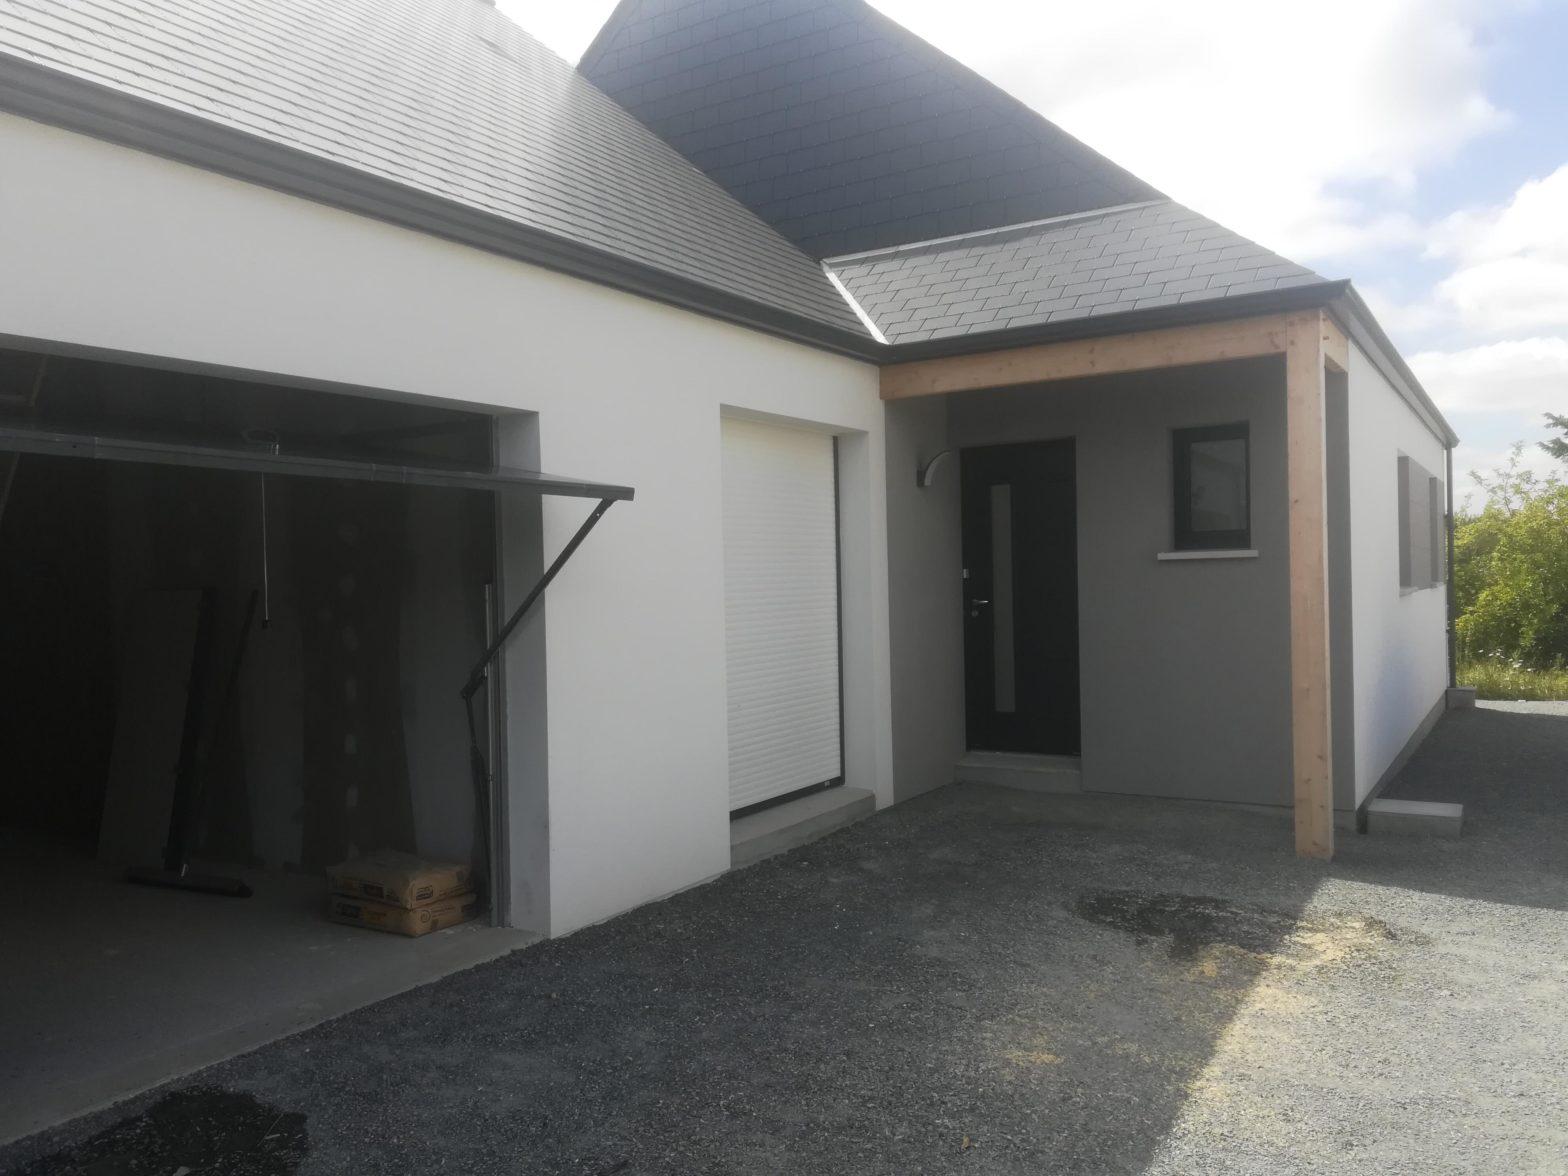 maison de plain pied toiture en ardoise construite à verriere-en-anjou-saint-sylvain-danjou